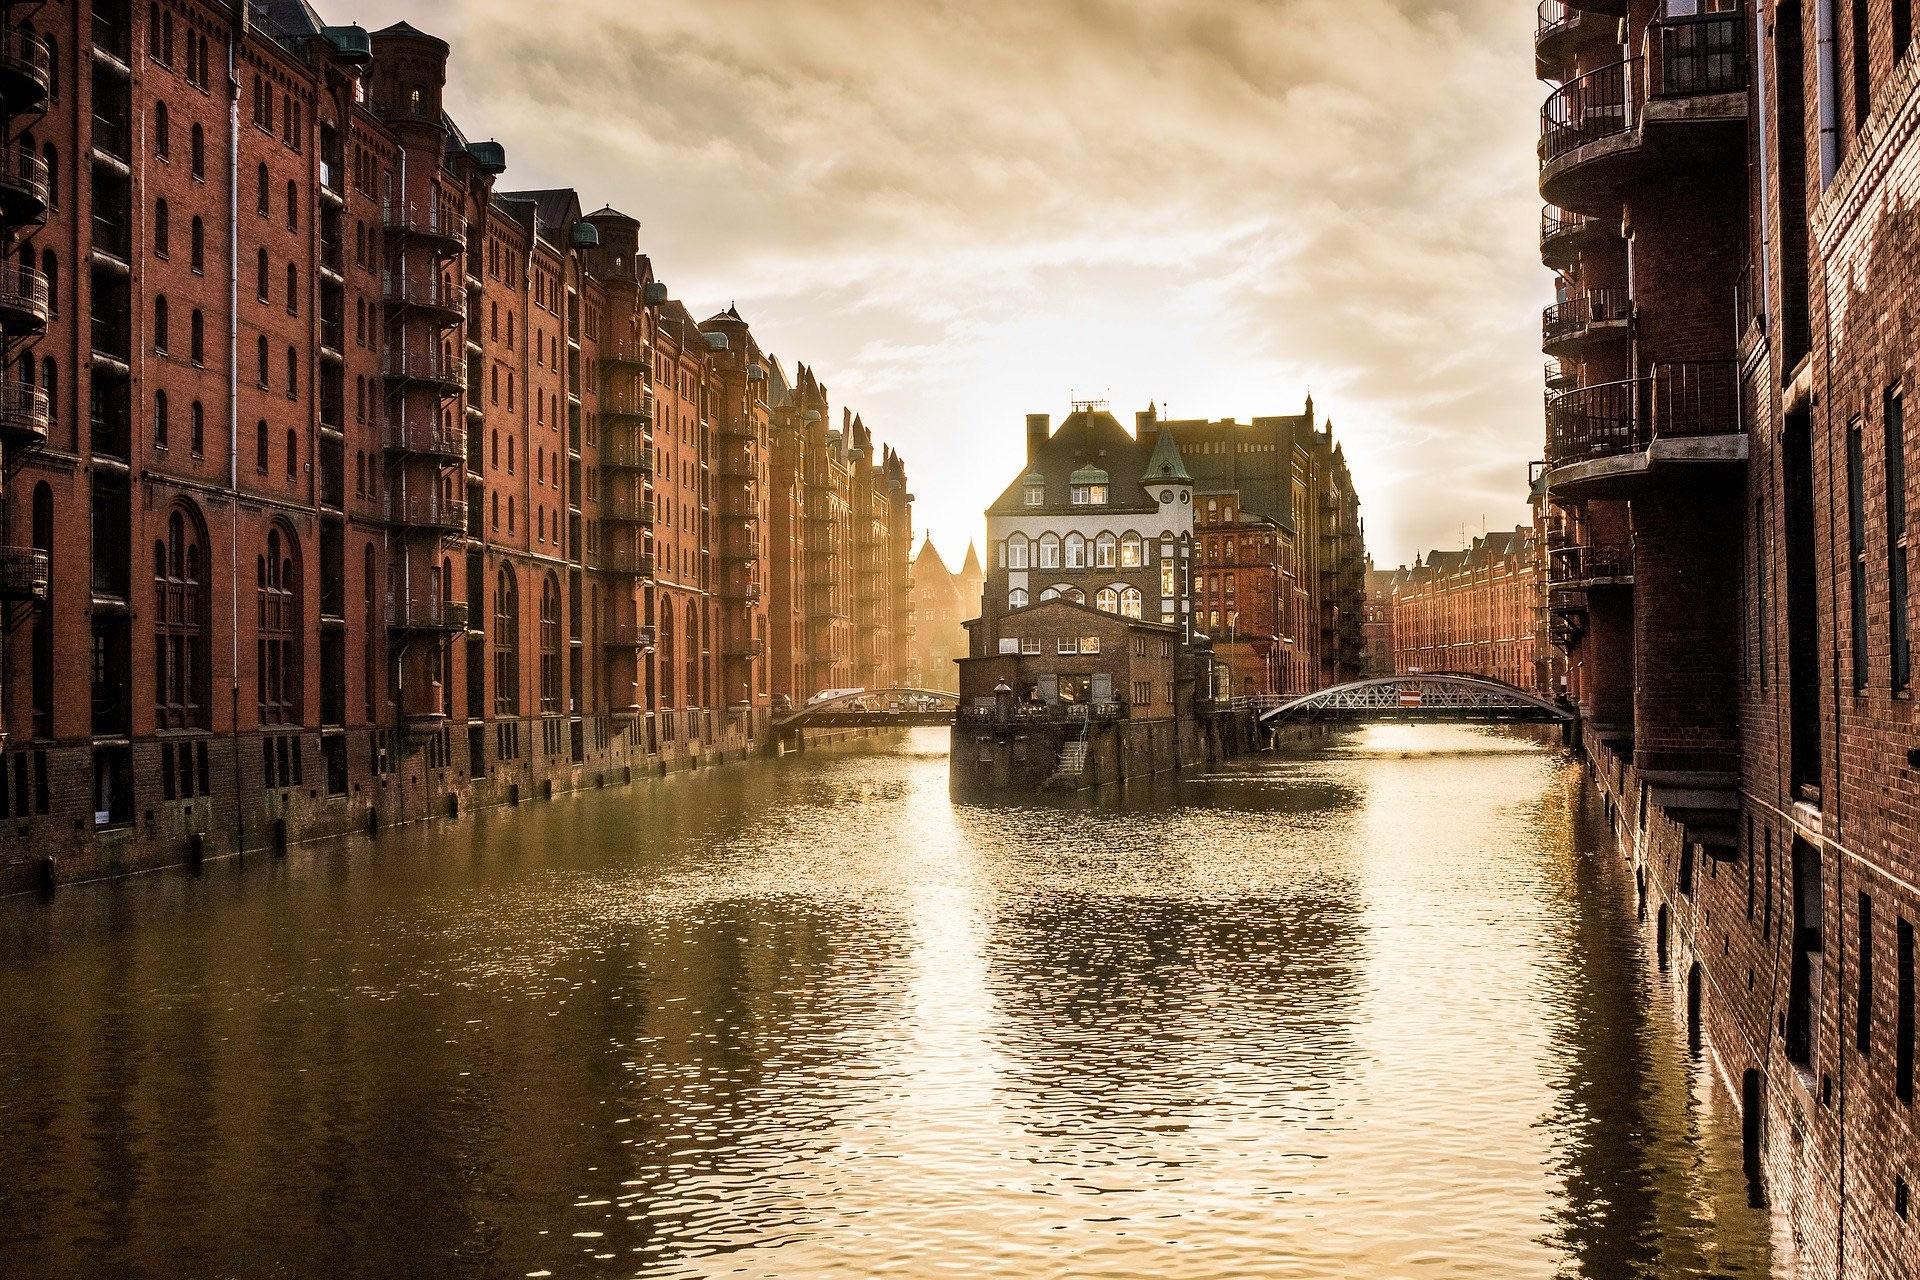 Die Hamburger Speicherstadt ist eine der Top Highlights